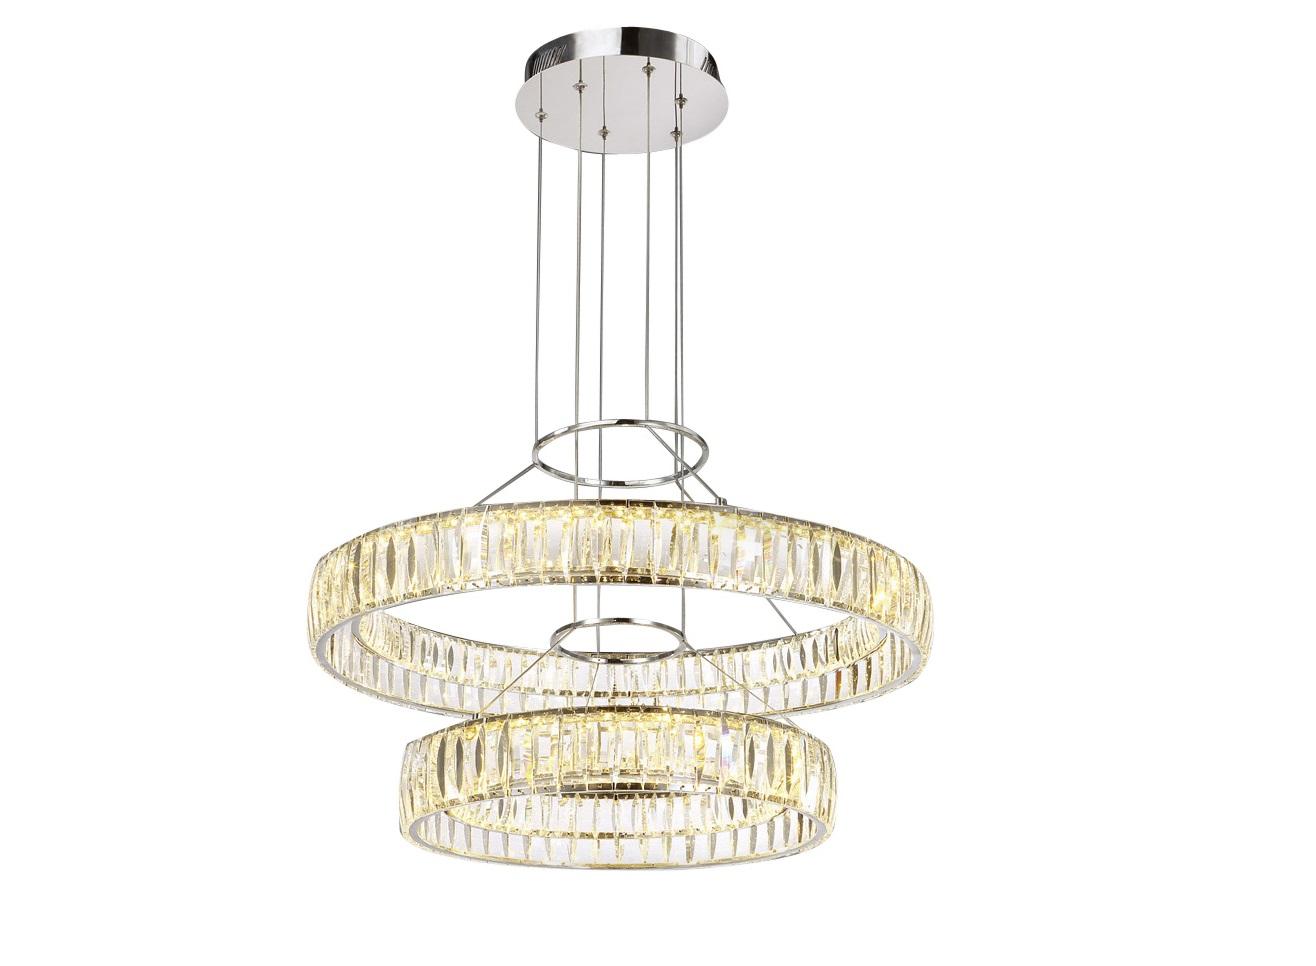 Подвесной светильникПодвесные светильники<br>&amp;lt;div&amp;gt;Вид цоколя: LED&amp;lt;/div&amp;gt;&amp;lt;div&amp;gt;Мощность: 75W&amp;lt;/div&amp;gt;&amp;lt;div&amp;gt;Количество ламп: 1&amp;lt;/div&amp;gt;&amp;lt;div&amp;gt;&amp;lt;br&amp;gt;&amp;lt;/div&amp;gt;&amp;lt;div&amp;gt;Высота светильника регулируется.&amp;lt;br&amp;gt;&amp;lt;/div&amp;gt;<br><br>Material: Хрусталь<br>Ширина см: 65.0<br>Высота см: 65.0<br>Глубина см: 65.0